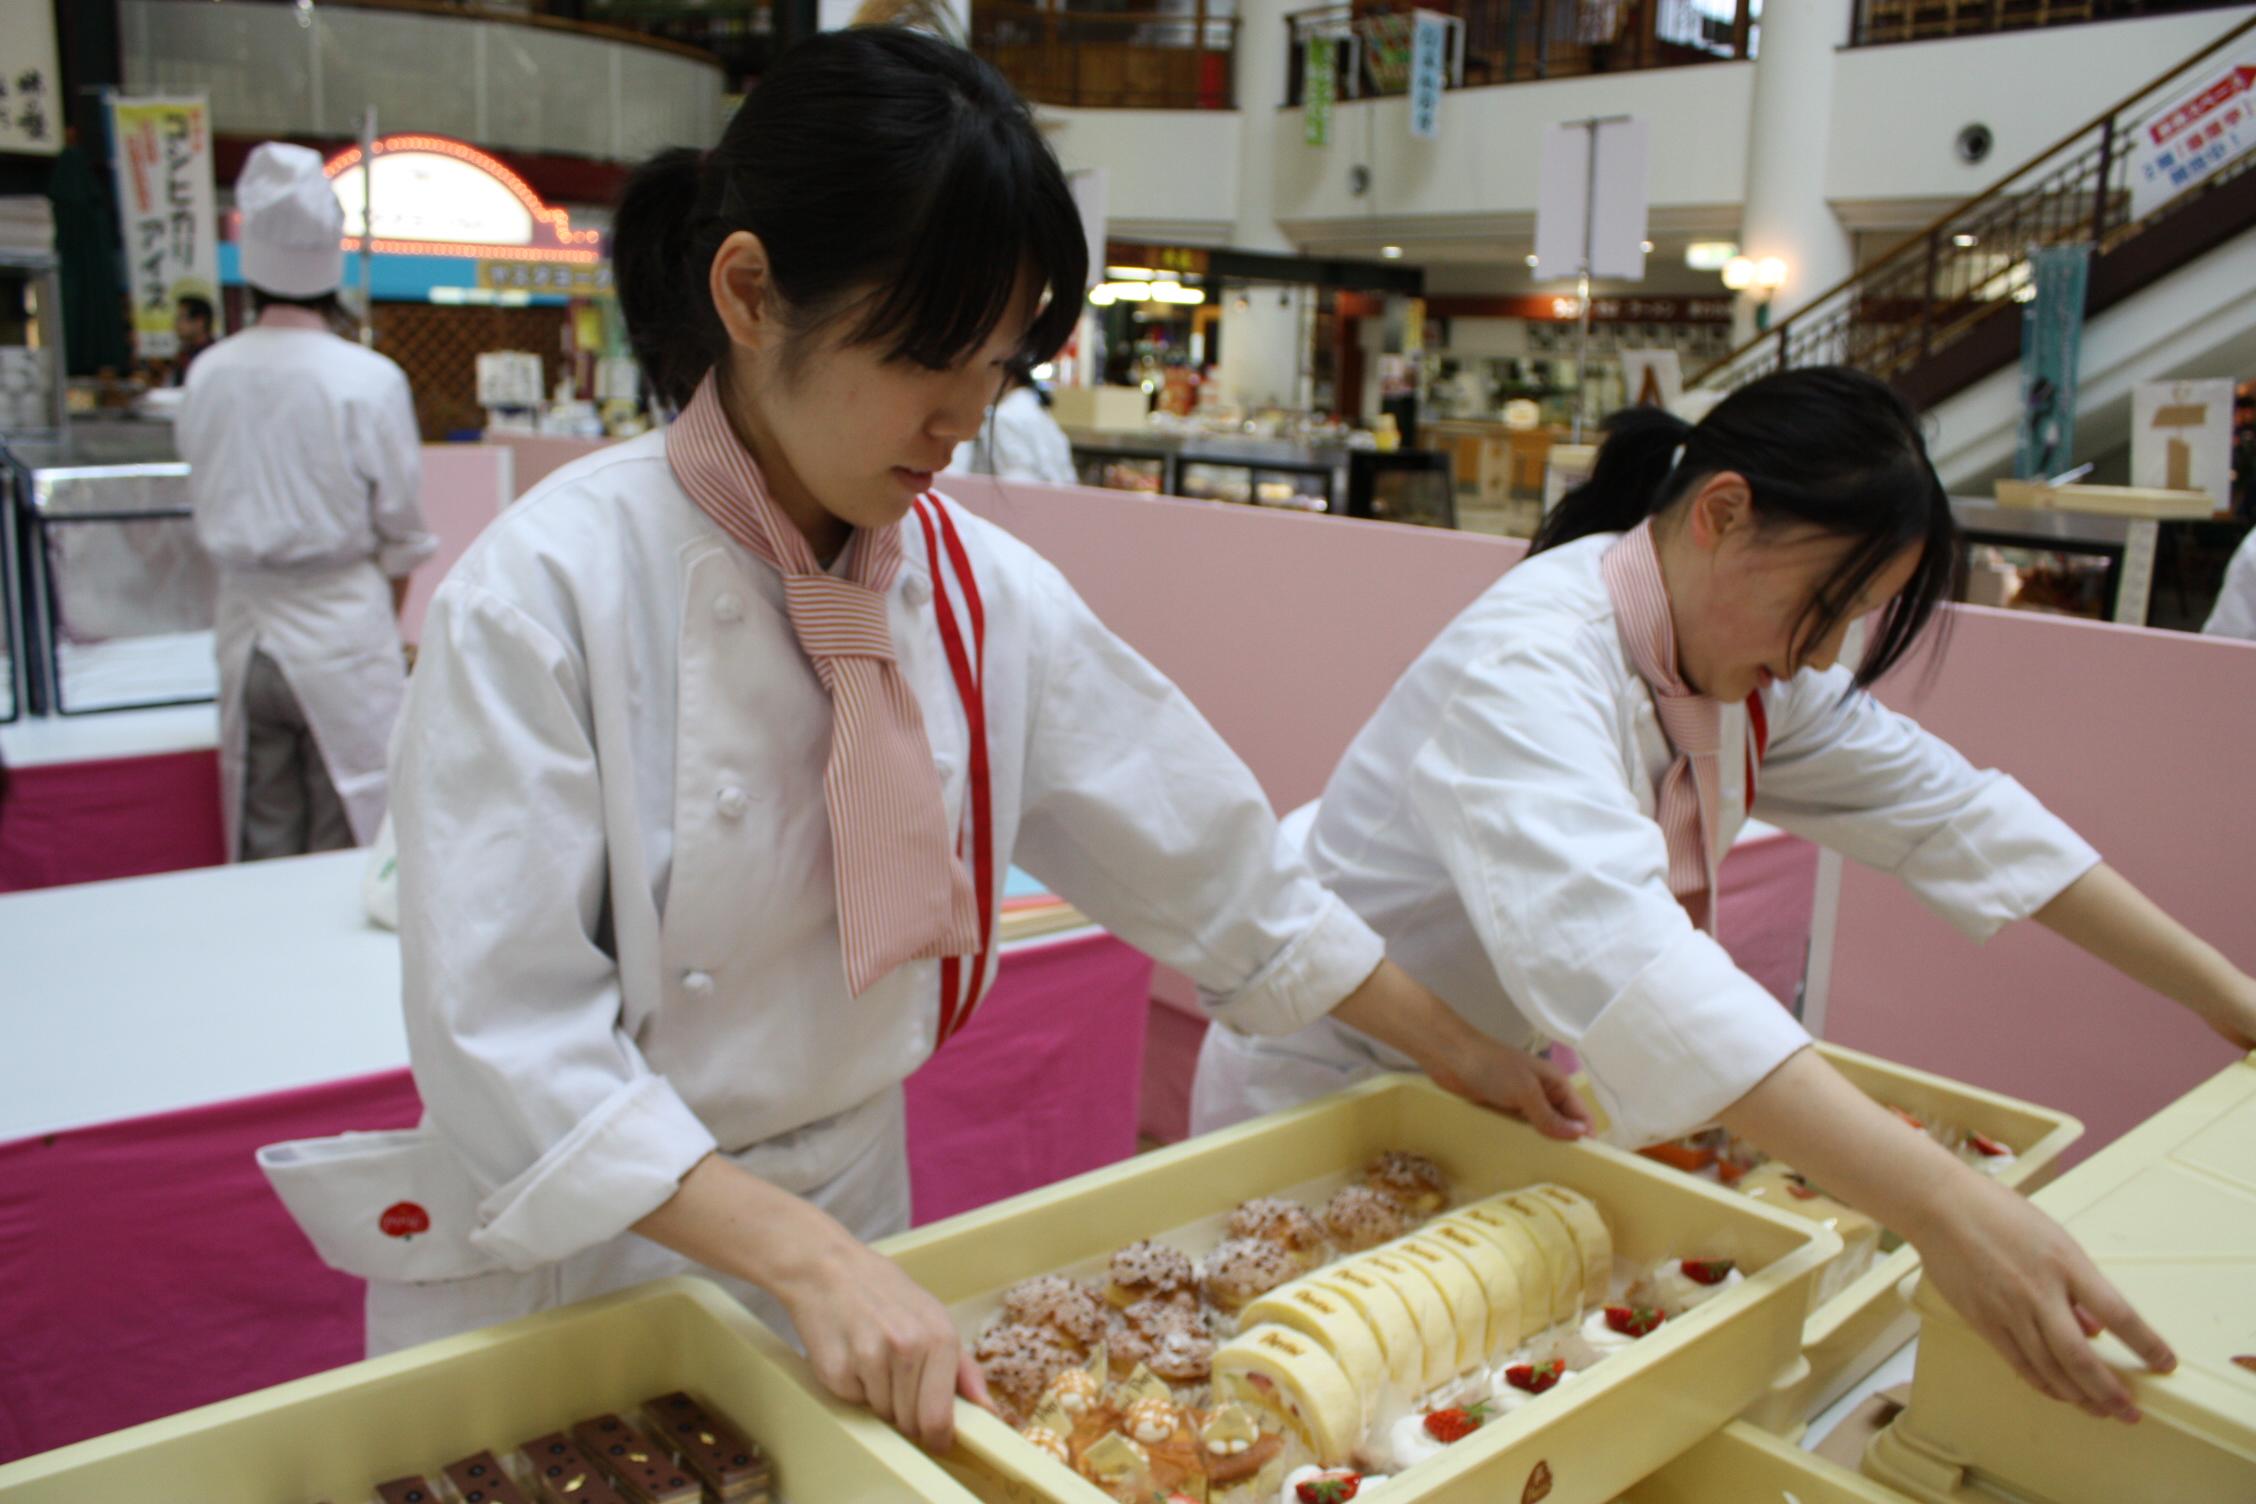 新潟の有名人気店ばかりが勢ぞろい!!超おいしい〜!スイーツがお店から直送されます!ああ、食べたい!あとで買おっと!